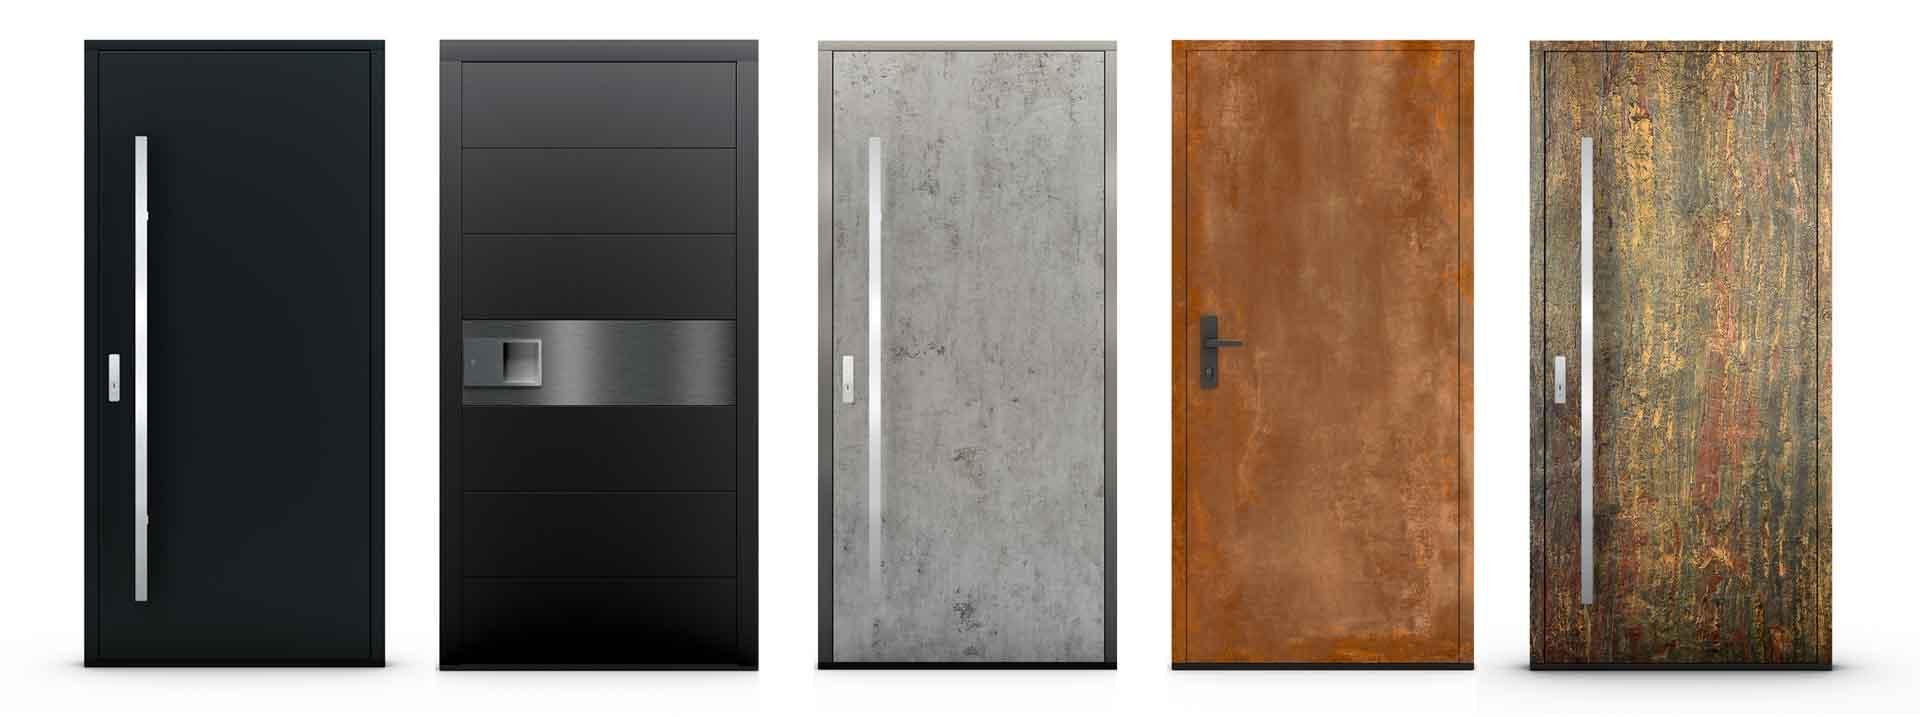 Drzwi zewnętrzne drewniane kolekcja suwalska karta miejska